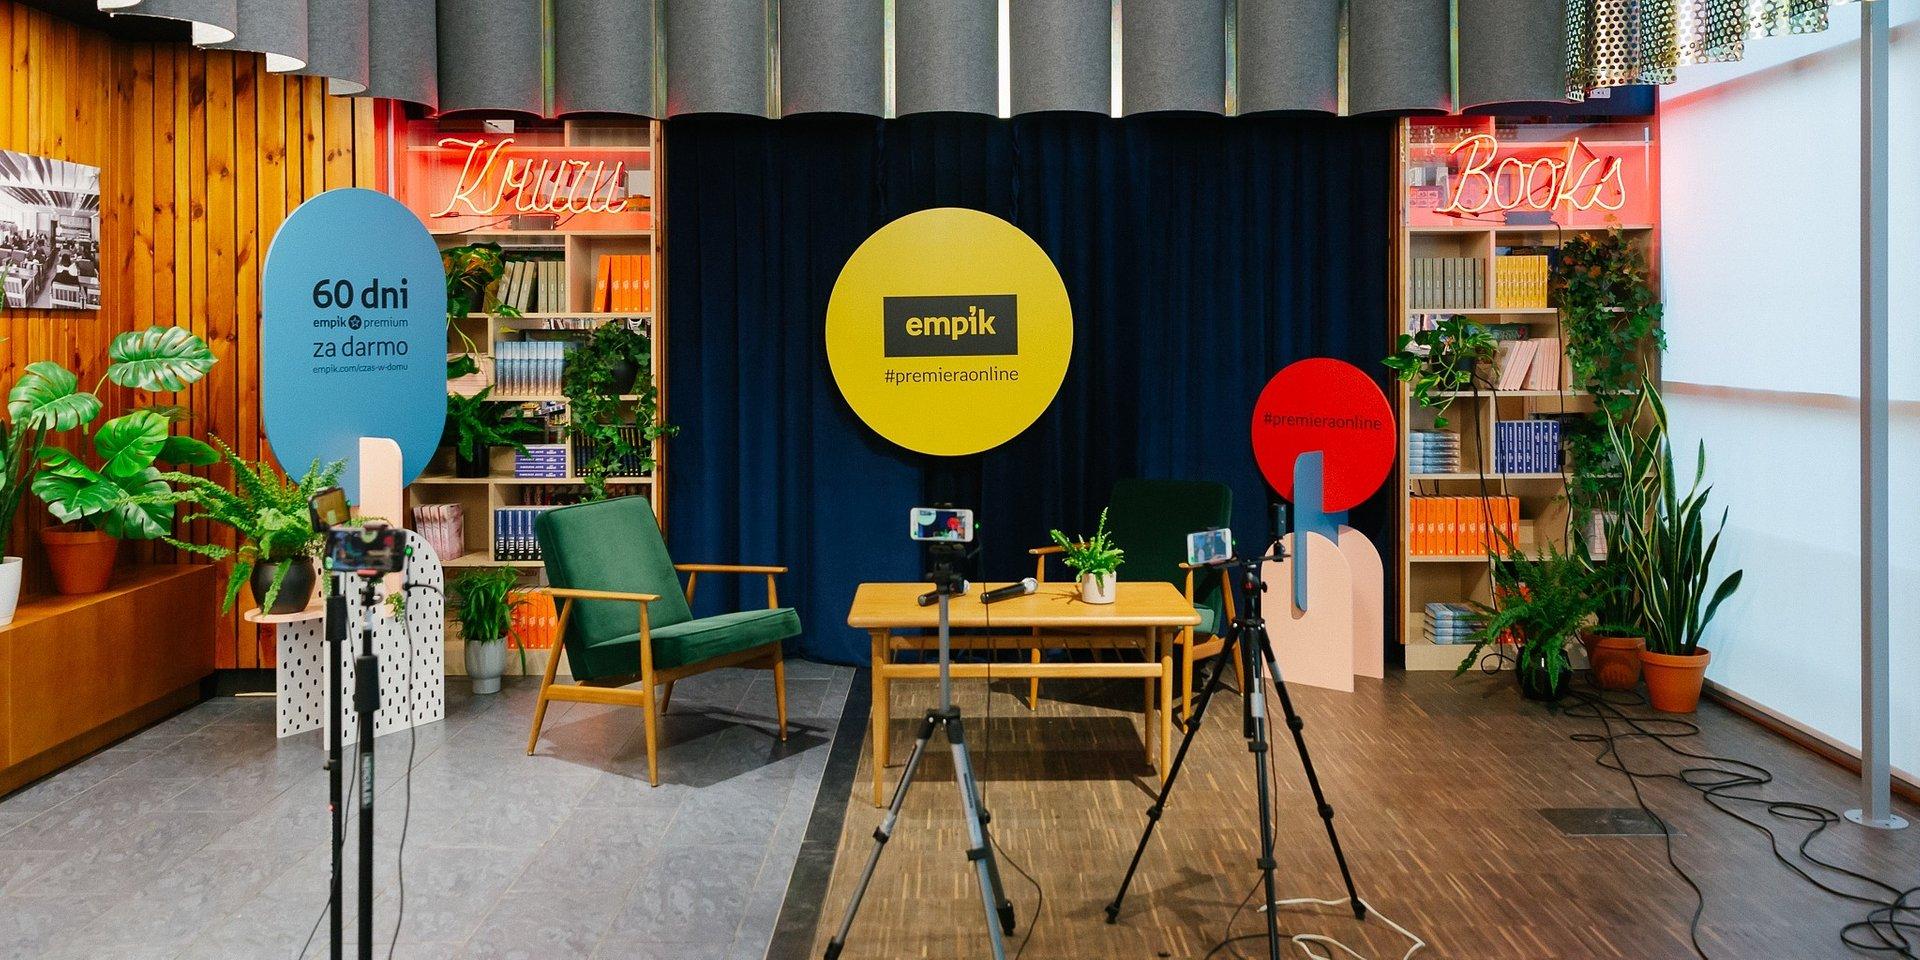 Manuela Gretkowska oraz duet Celińska i Muraszko w rozmowie z fanami na żywo w studiu Empiku